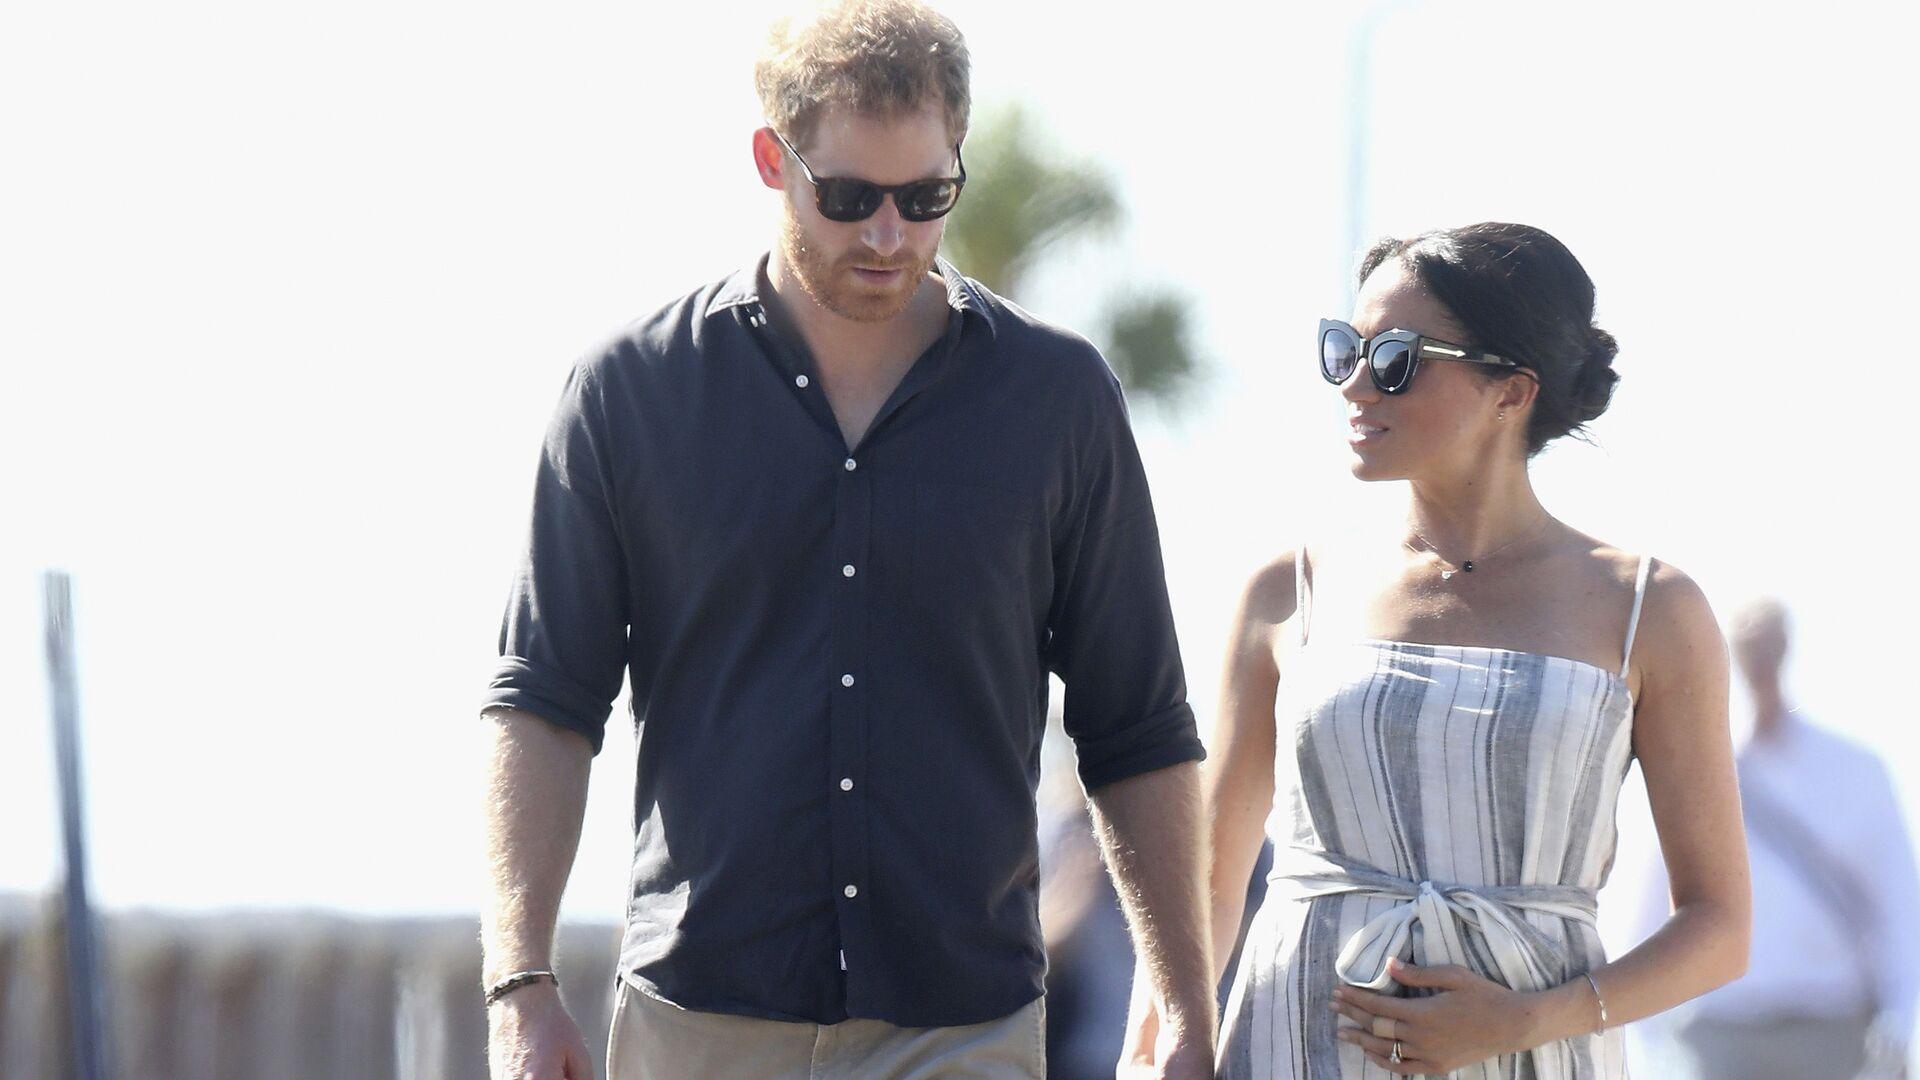 El príncipe Harry y su esposa, Meghan Markle, el 22 de octubre de 2018 - Sputnik Mundo, 1920, 08.03.2021